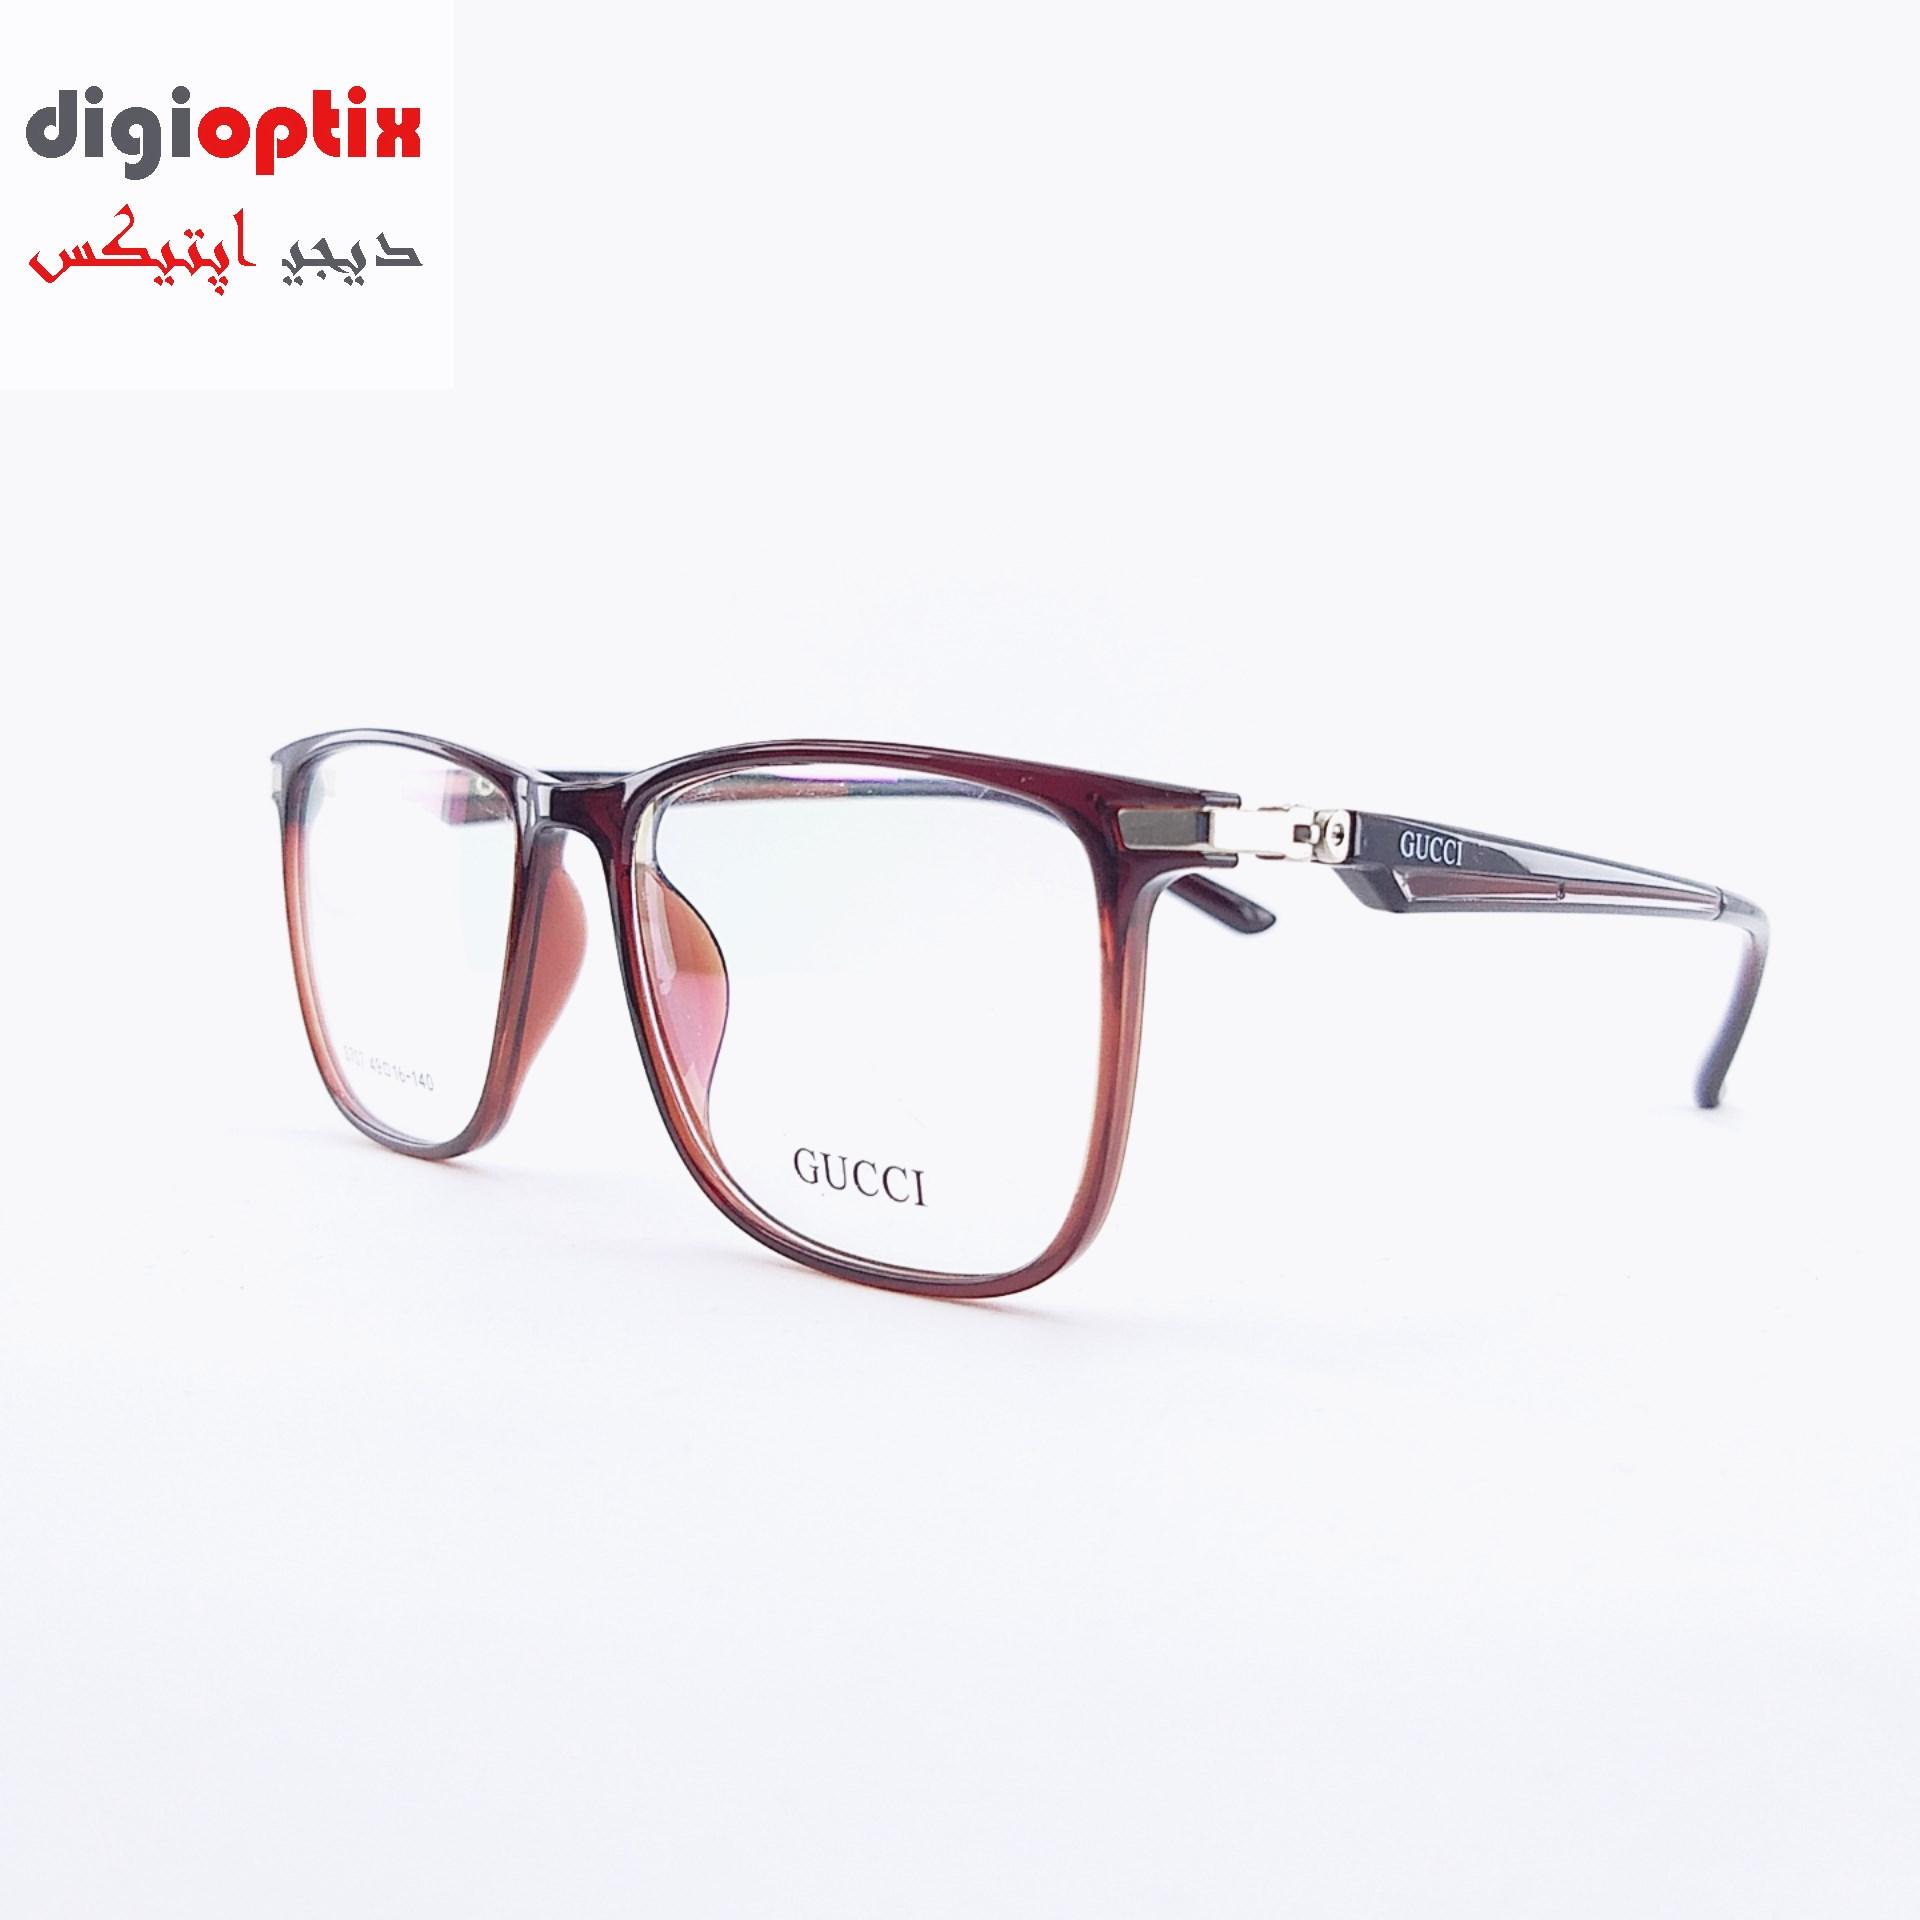 فریم عینک طبی ویفری مارک GUCCI رنگ قهوه ای مدل S707